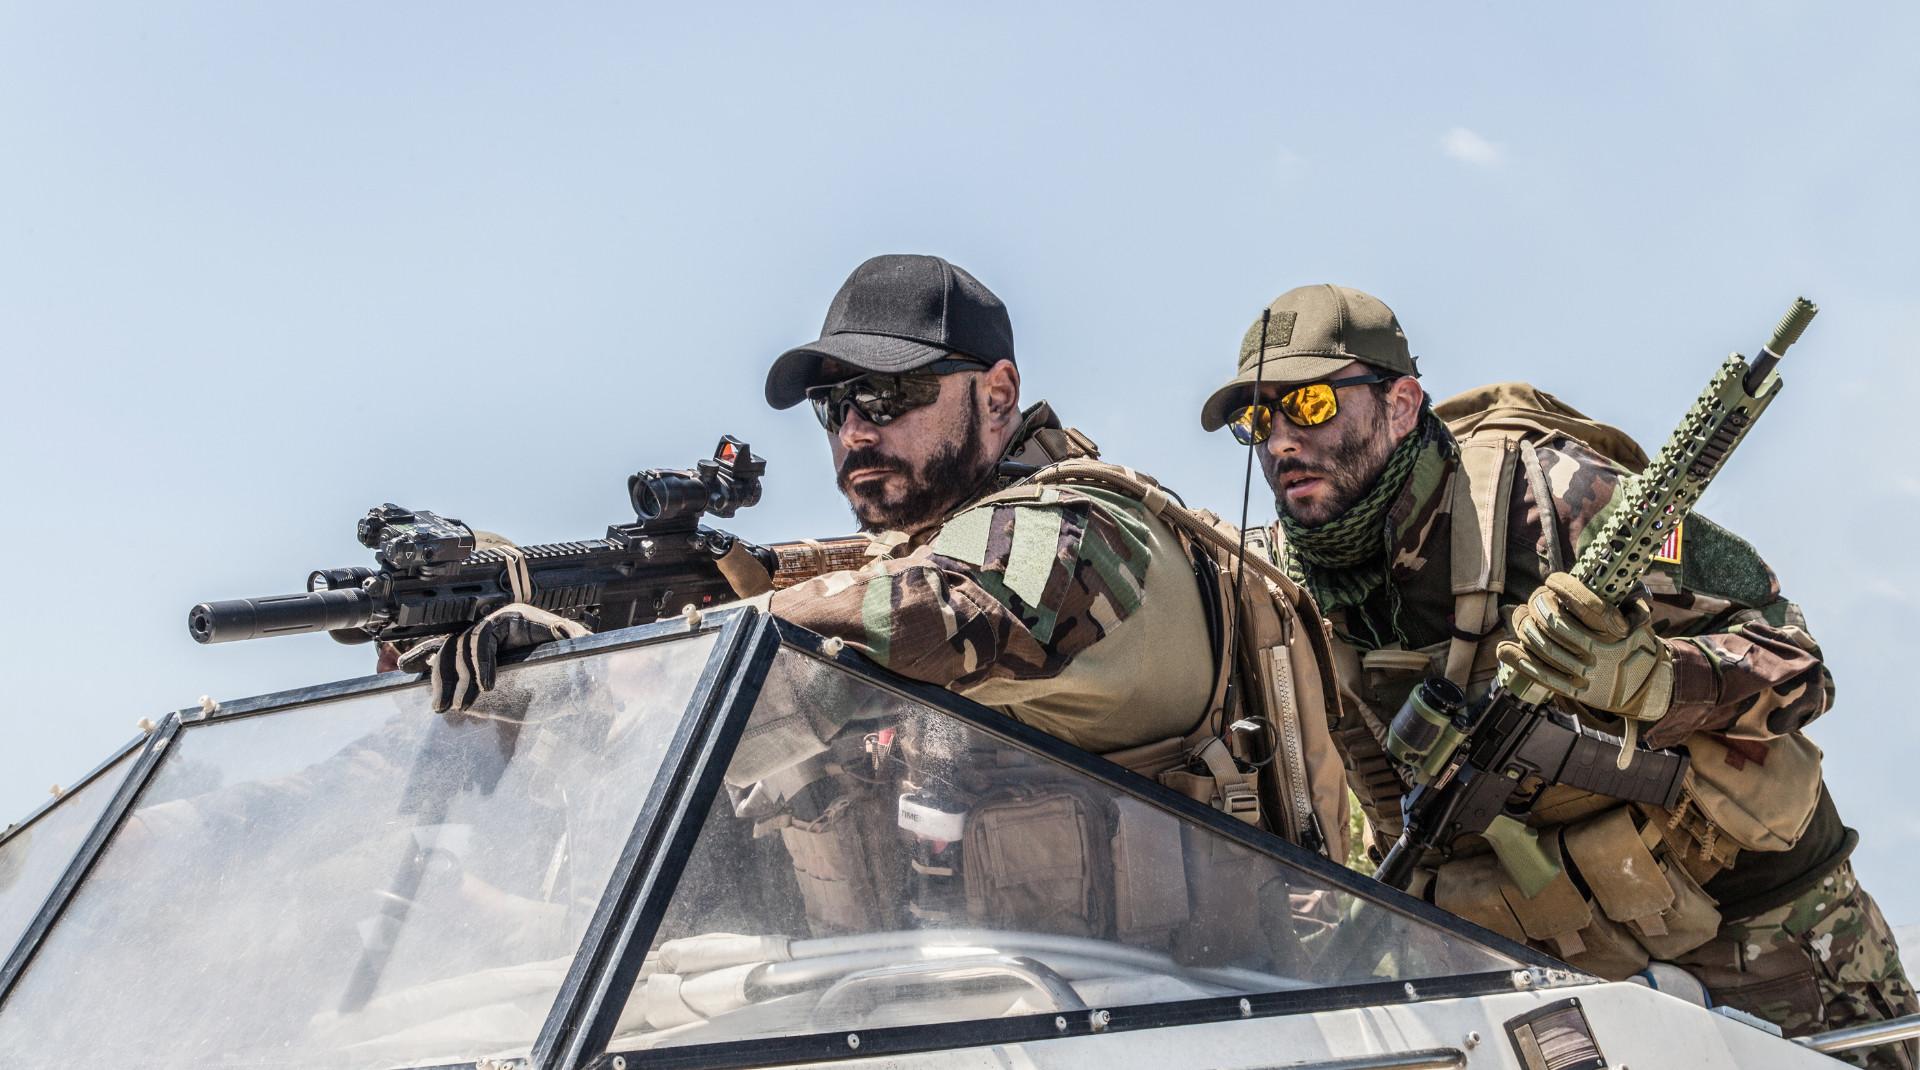 Ubráníme se v případě vojenského konfliktu?